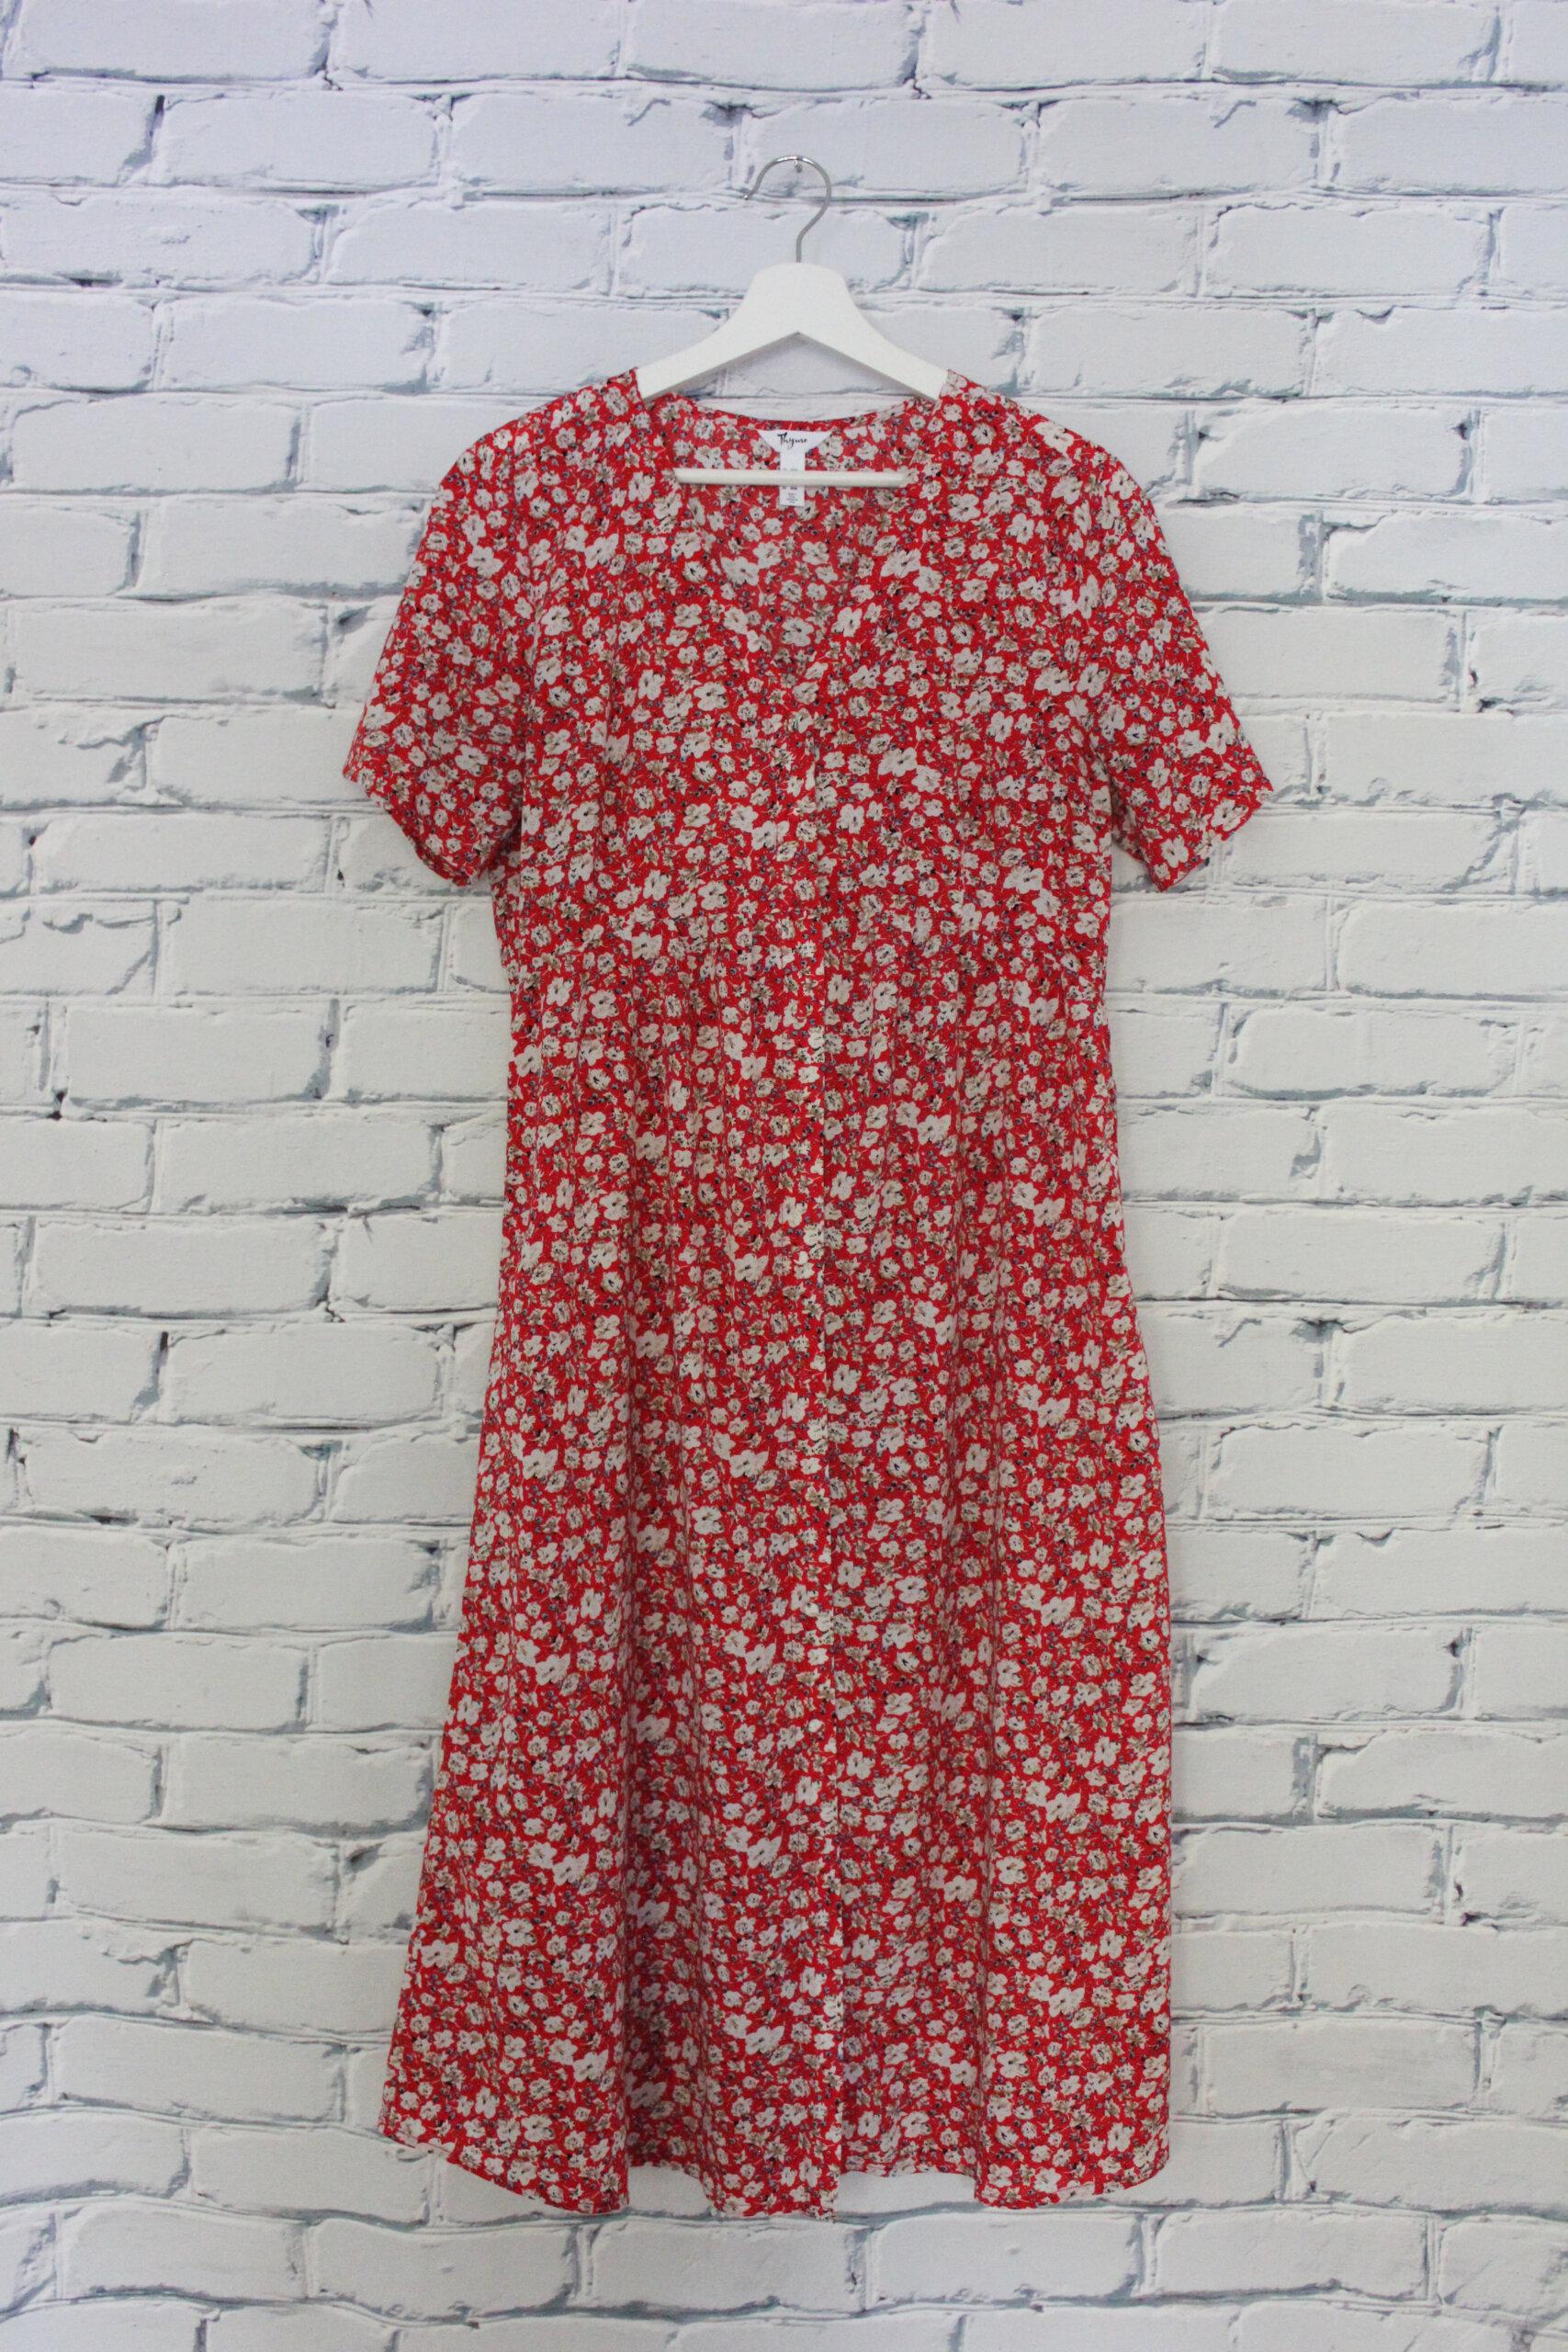 Robe longue rouge avec fleurs blanches à manches courtes